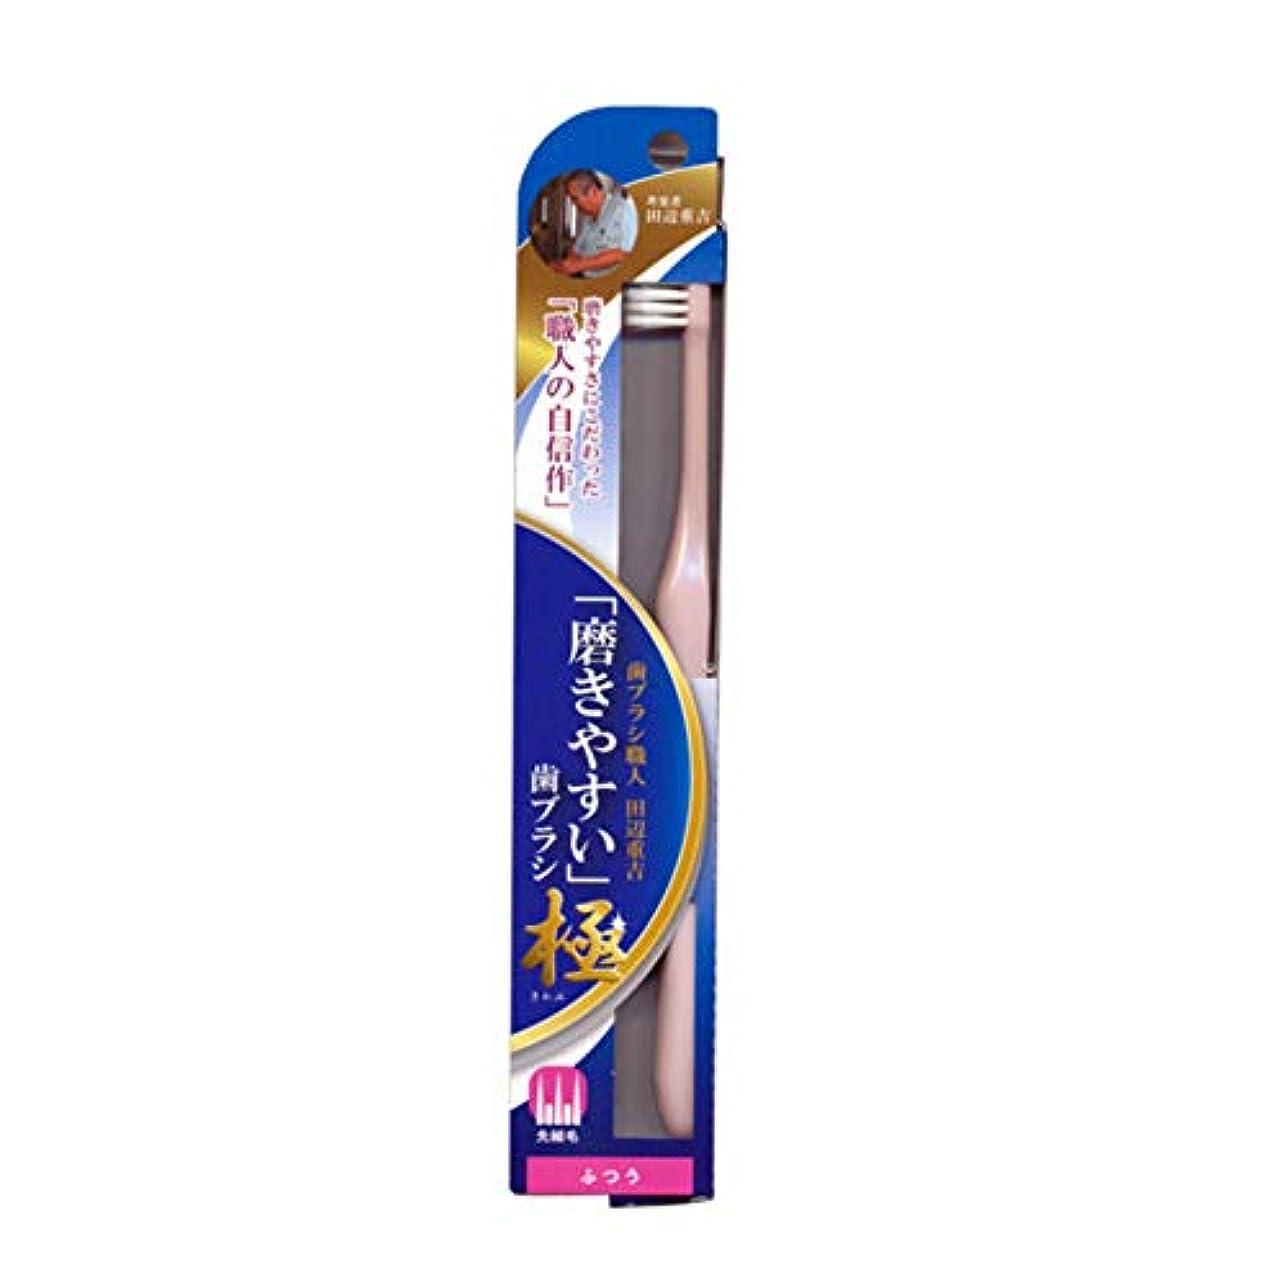 現金始める能力磨きやすい歯ブラシ極 (ふつう) LT-44 先細毛(色選択不可)